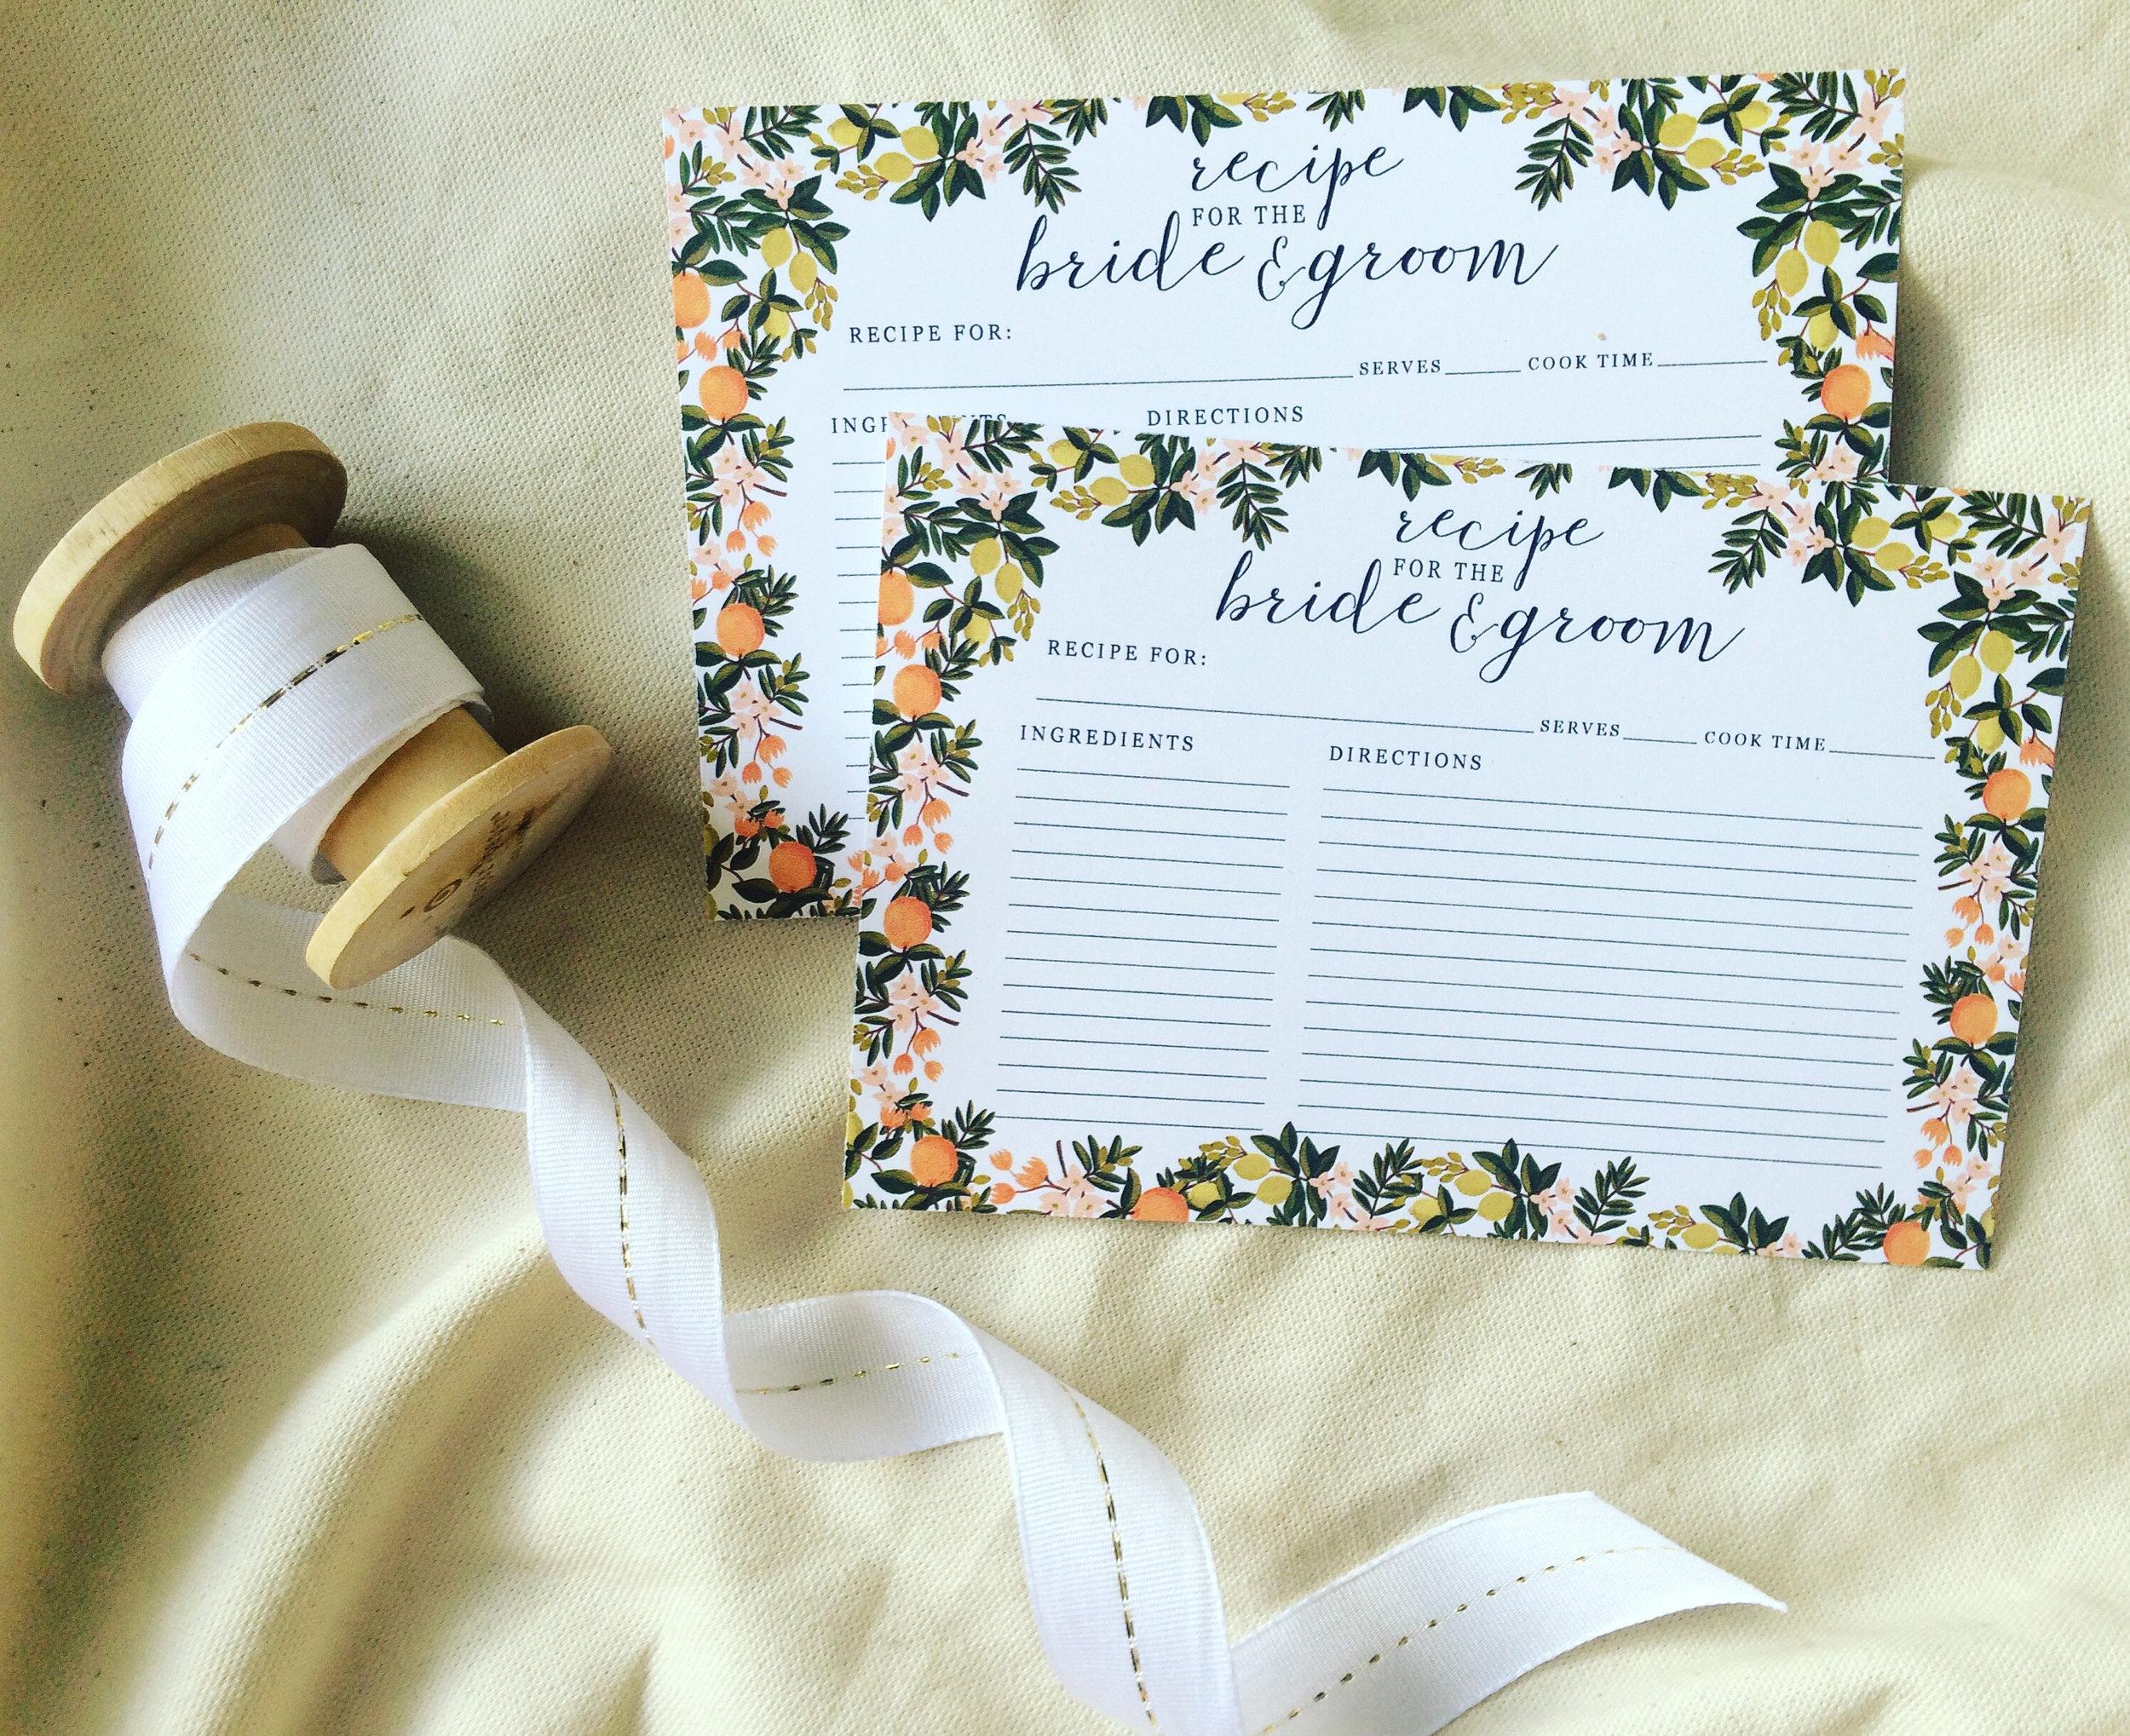 Bride Groom Recipe.jpg